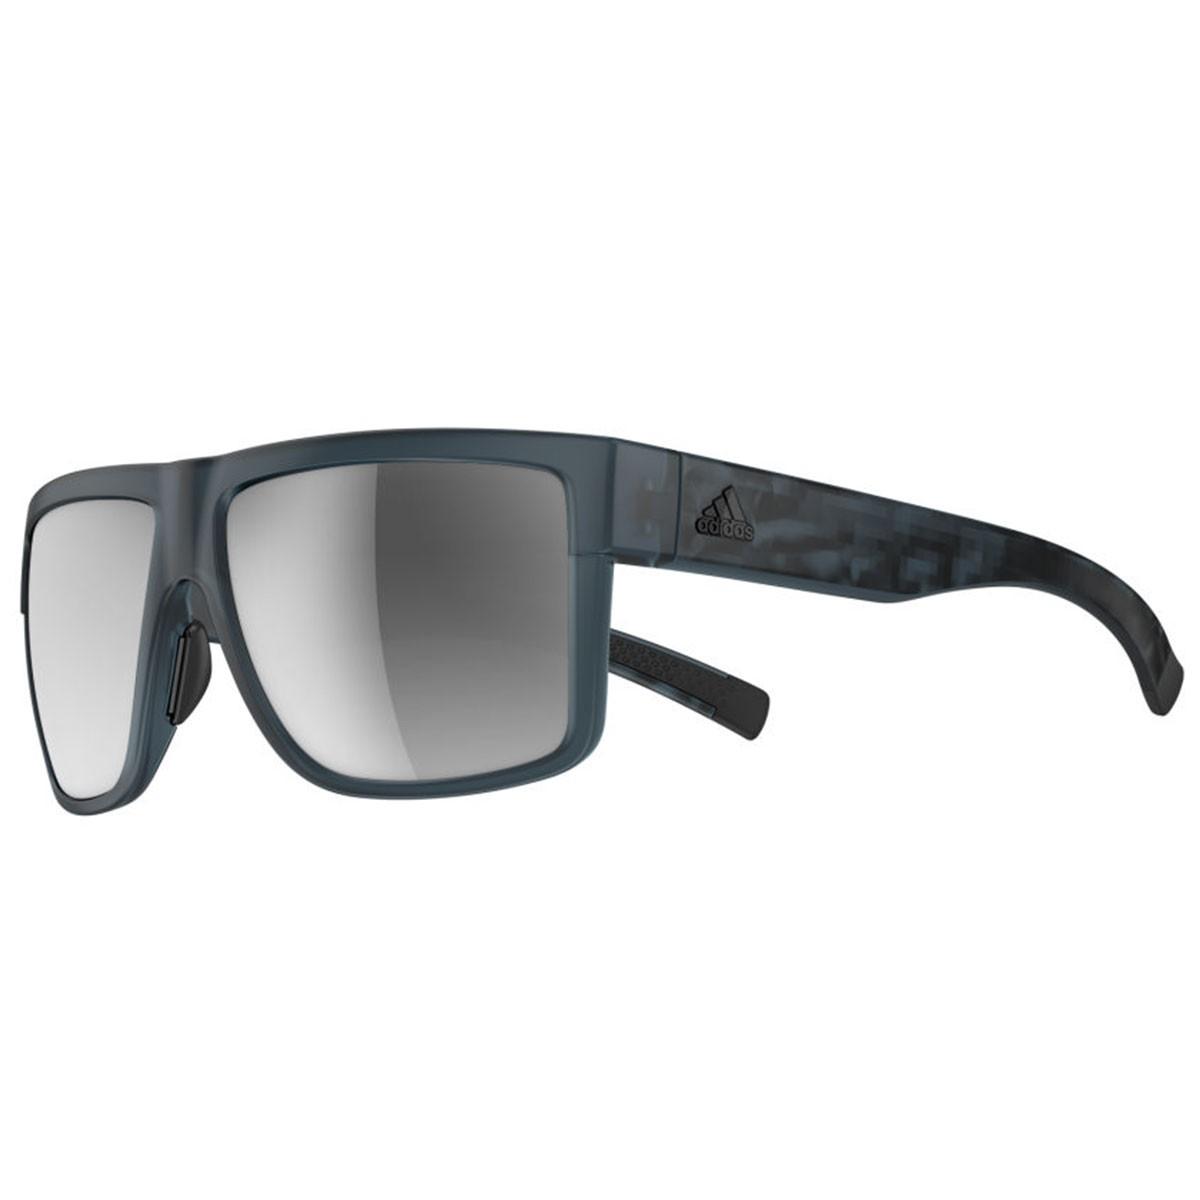 Adidas 2016 3matic sunglasses blue matt chrome mirror for Mirror 0 matic